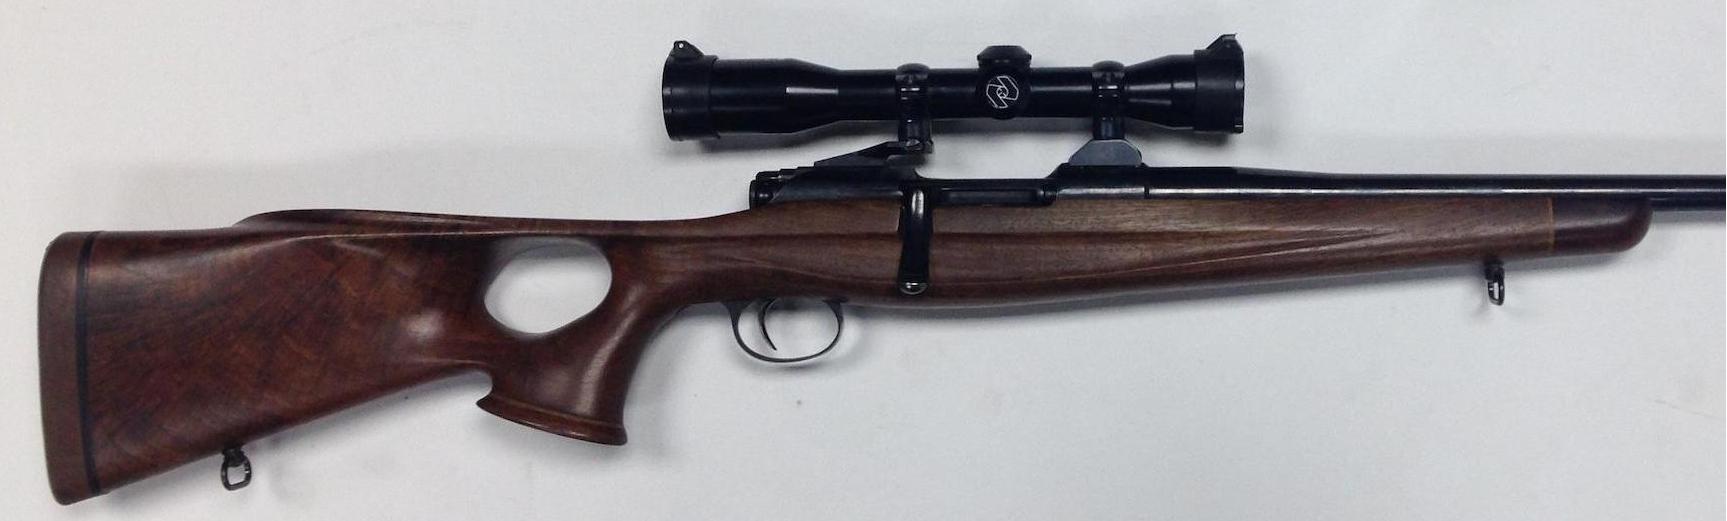 Mannlicher-Schönauer Rifles for Sale-3-thumbhole